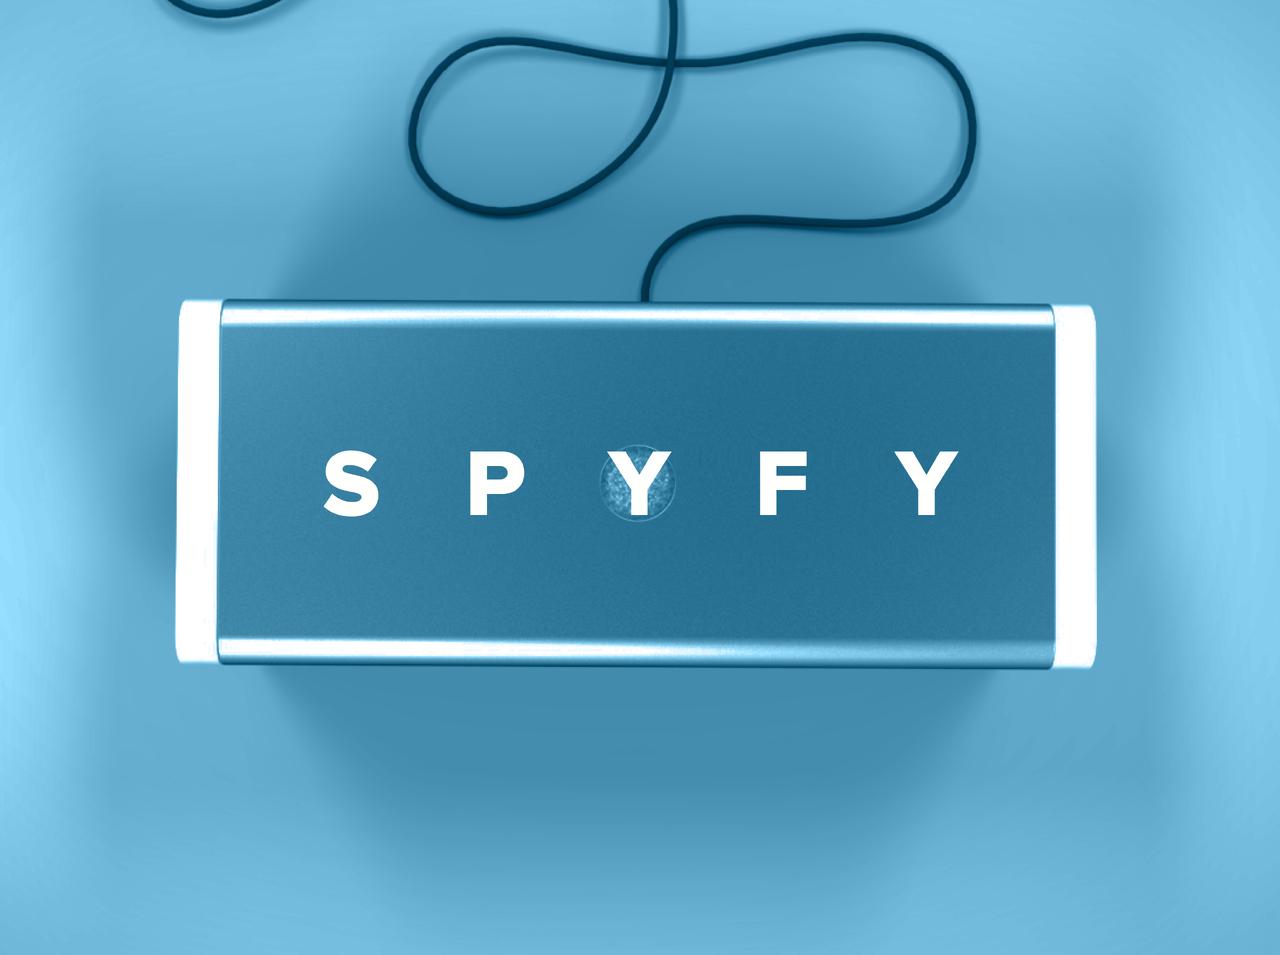 Spyfy